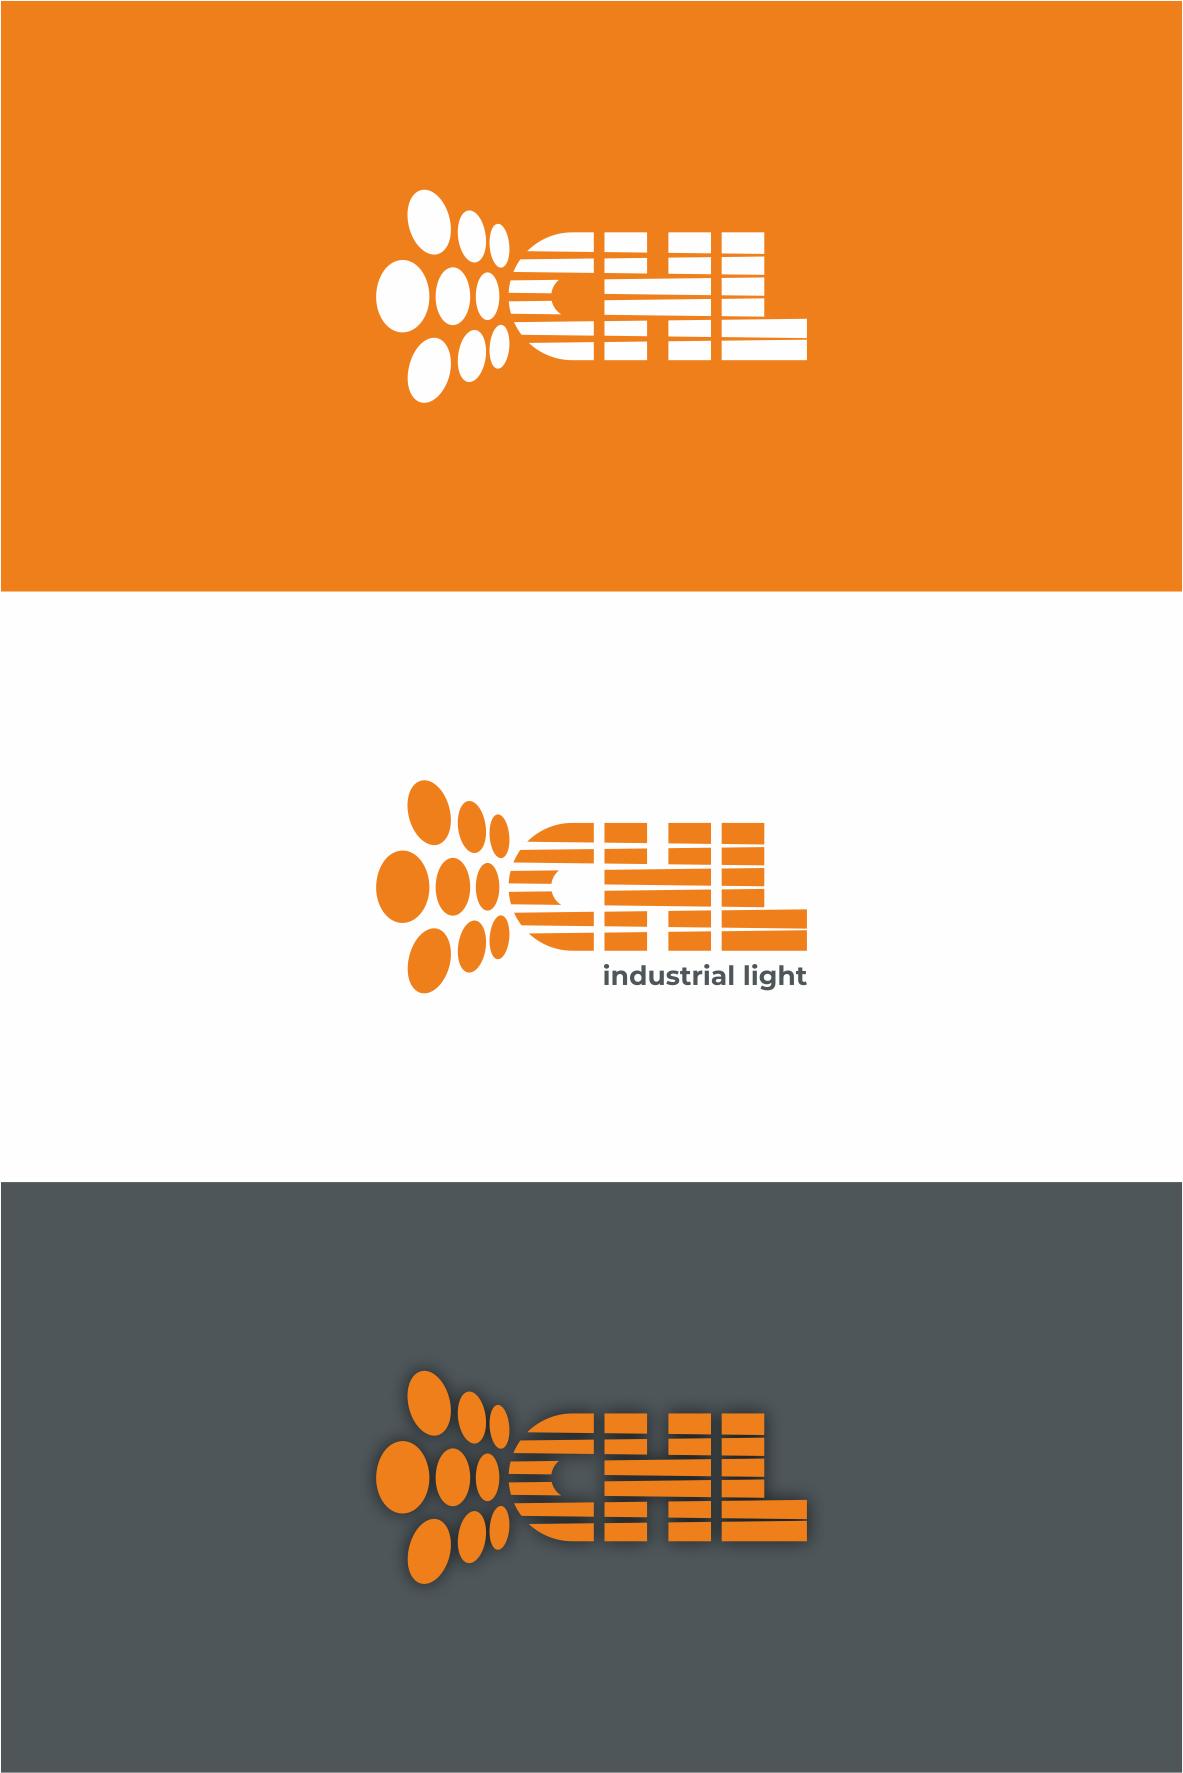 разработка логотипа для производителя фар фото f_6565f5e7af1ec5c5.png